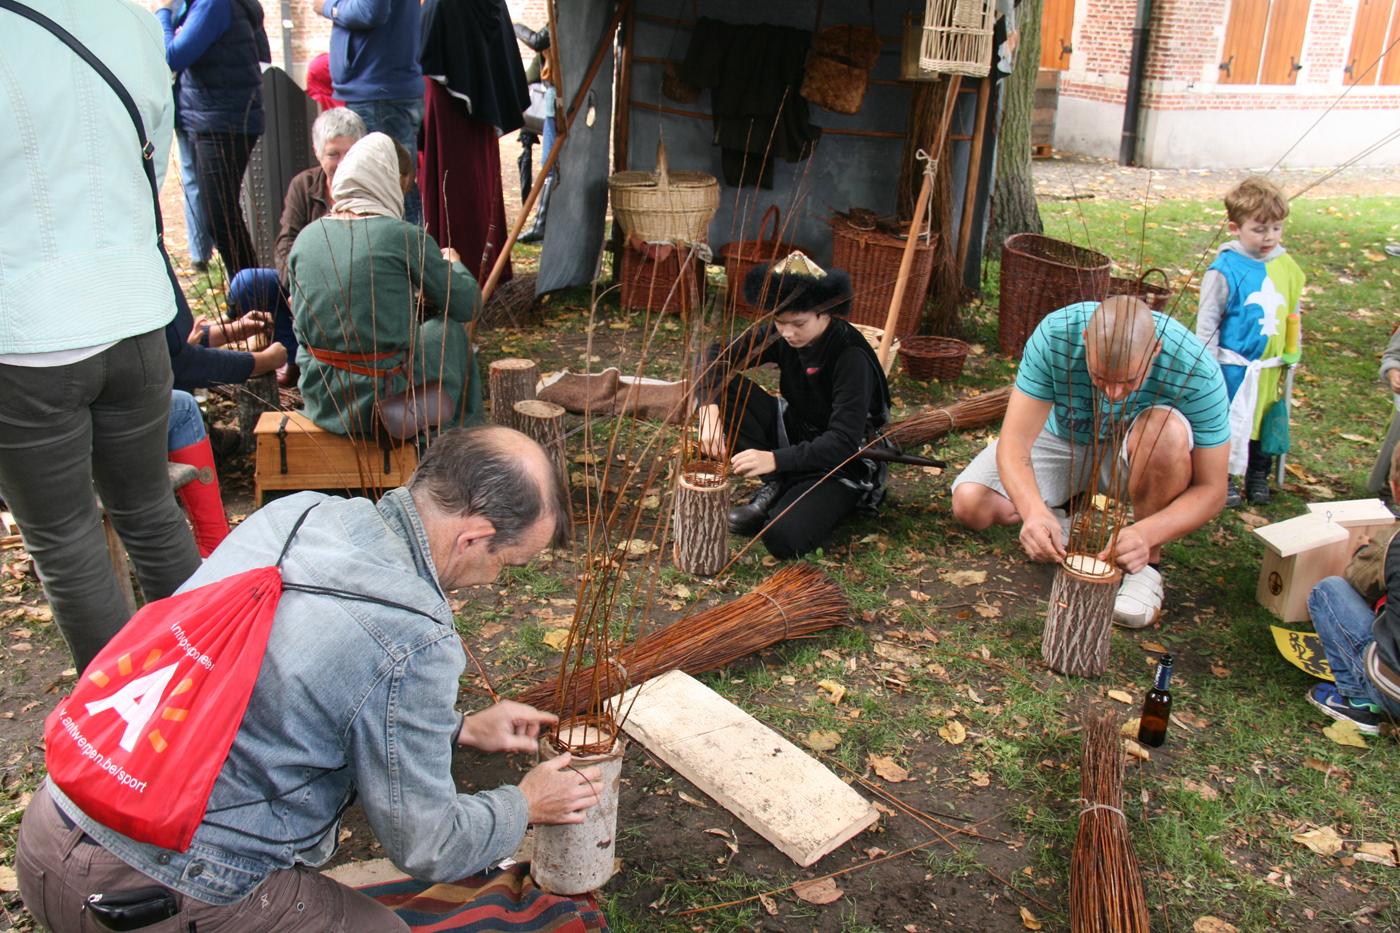 activiteiten mensen middeleeuwen